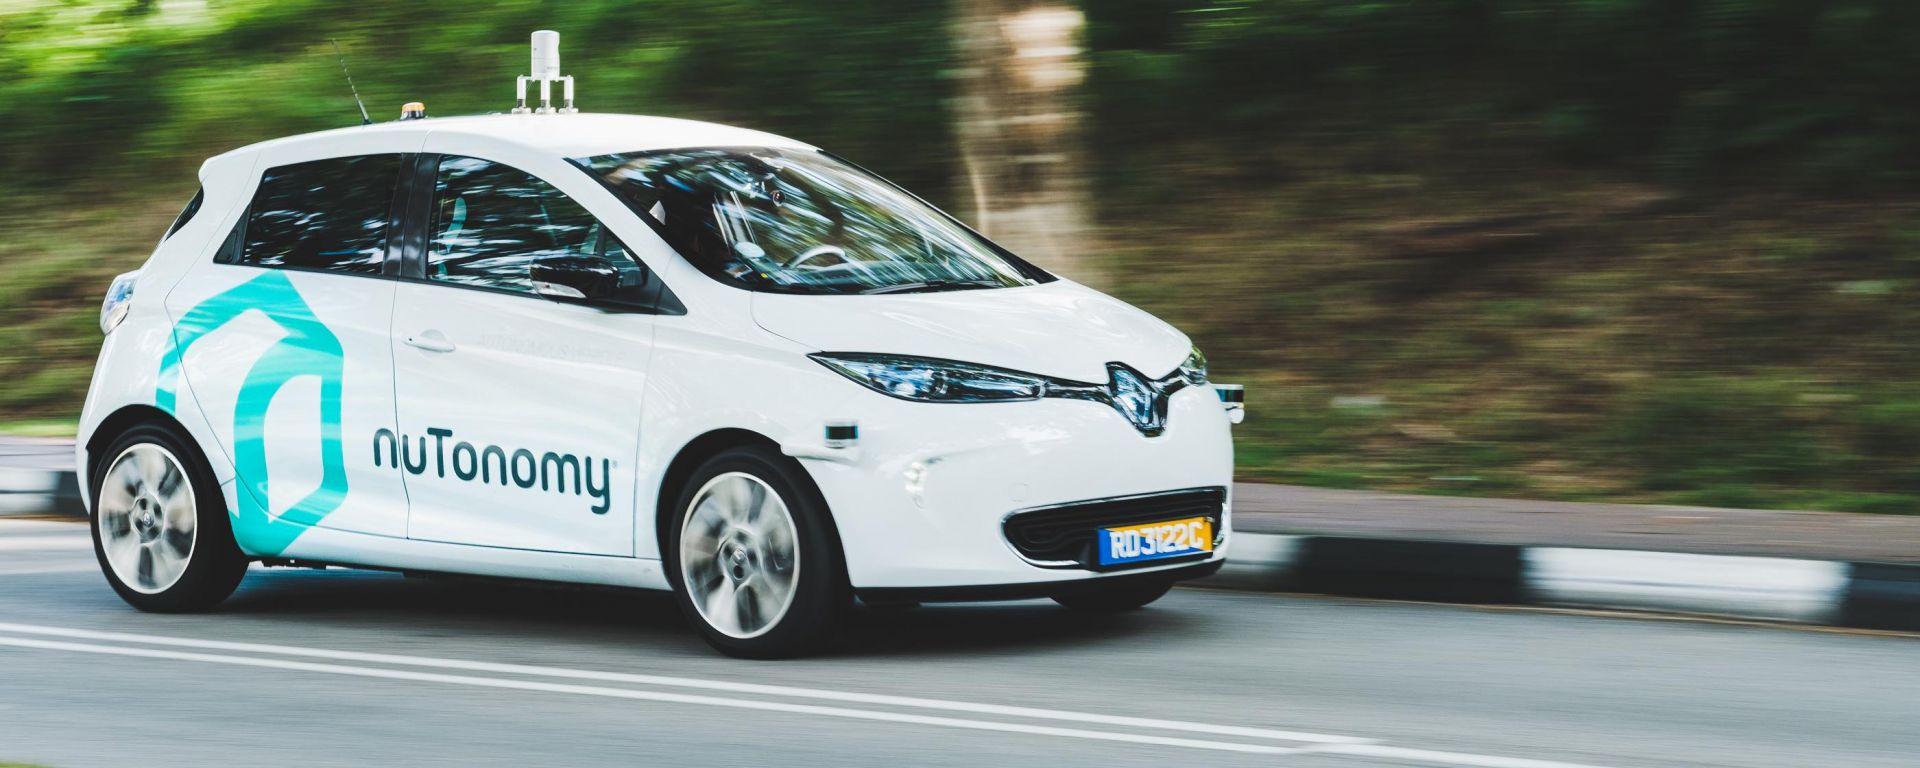 Guida autonoma: a Singapore i primi esperimenti con taxi su strade aperte al pubblico